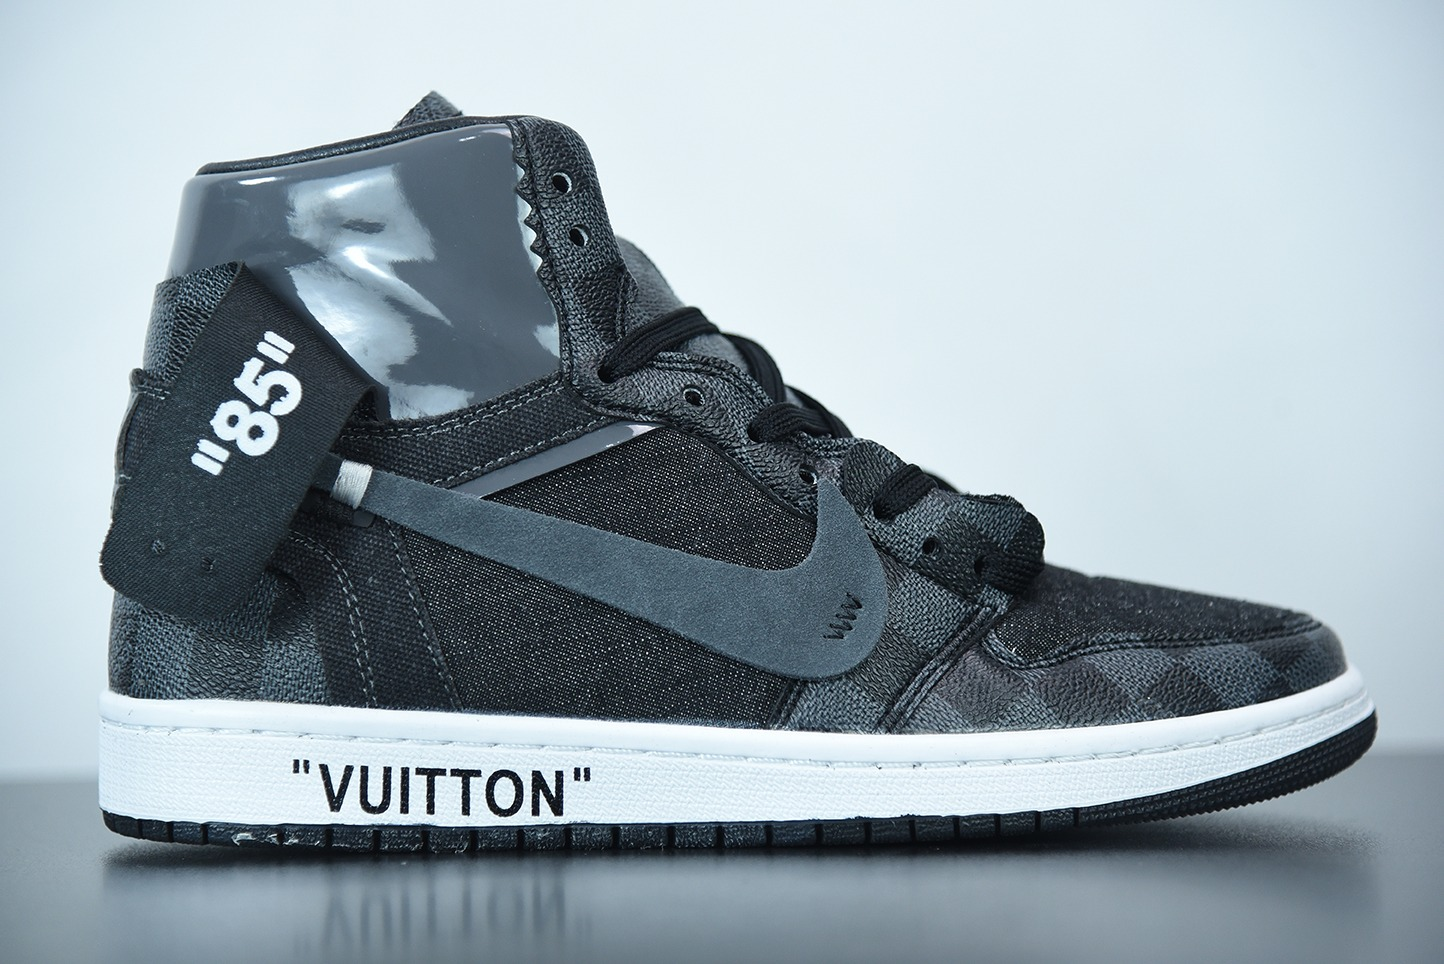 乔丹Louis Vuitton x OFF WHITE – Air Jordan 1 乔丹LV经典联名中帮行李箱版本潮流情侣运动休闲板鞋纯原版本 货号:AQ0818-158